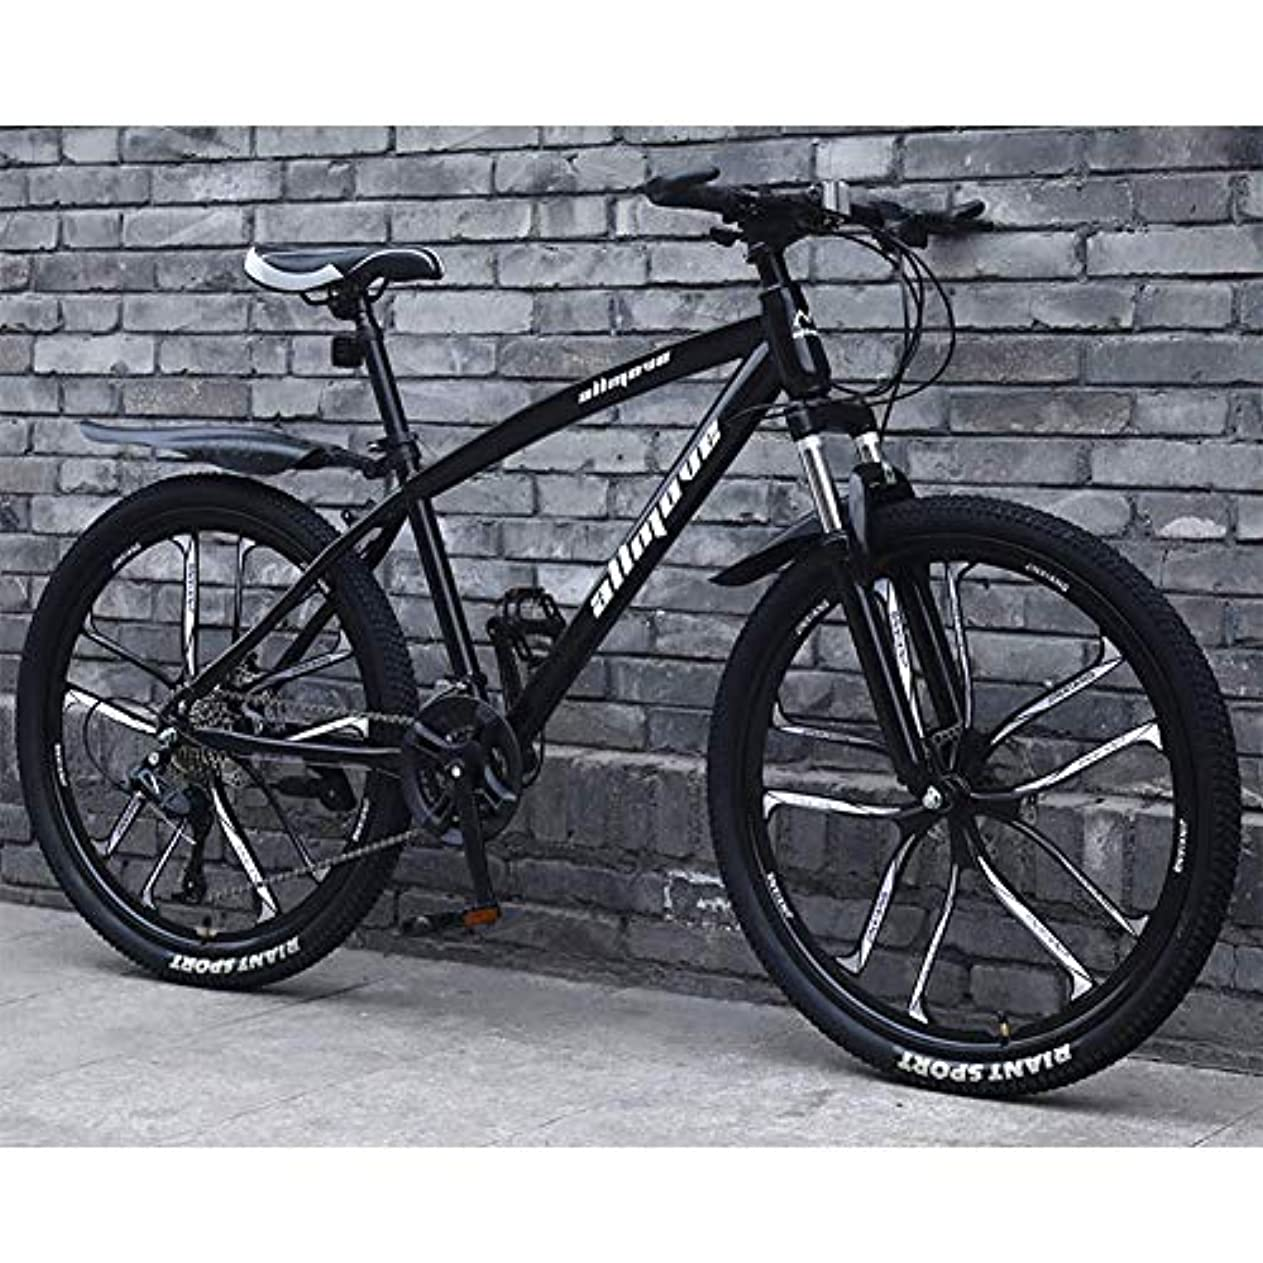 フットボール家庭教師ペチュランス26「マウンテンバイク自転車、21スピード軽量炭素鋼フレームマウンテンバイクダブルディスクブレーキ合金ホイール若い男性と女性のロードバイク、ブラック